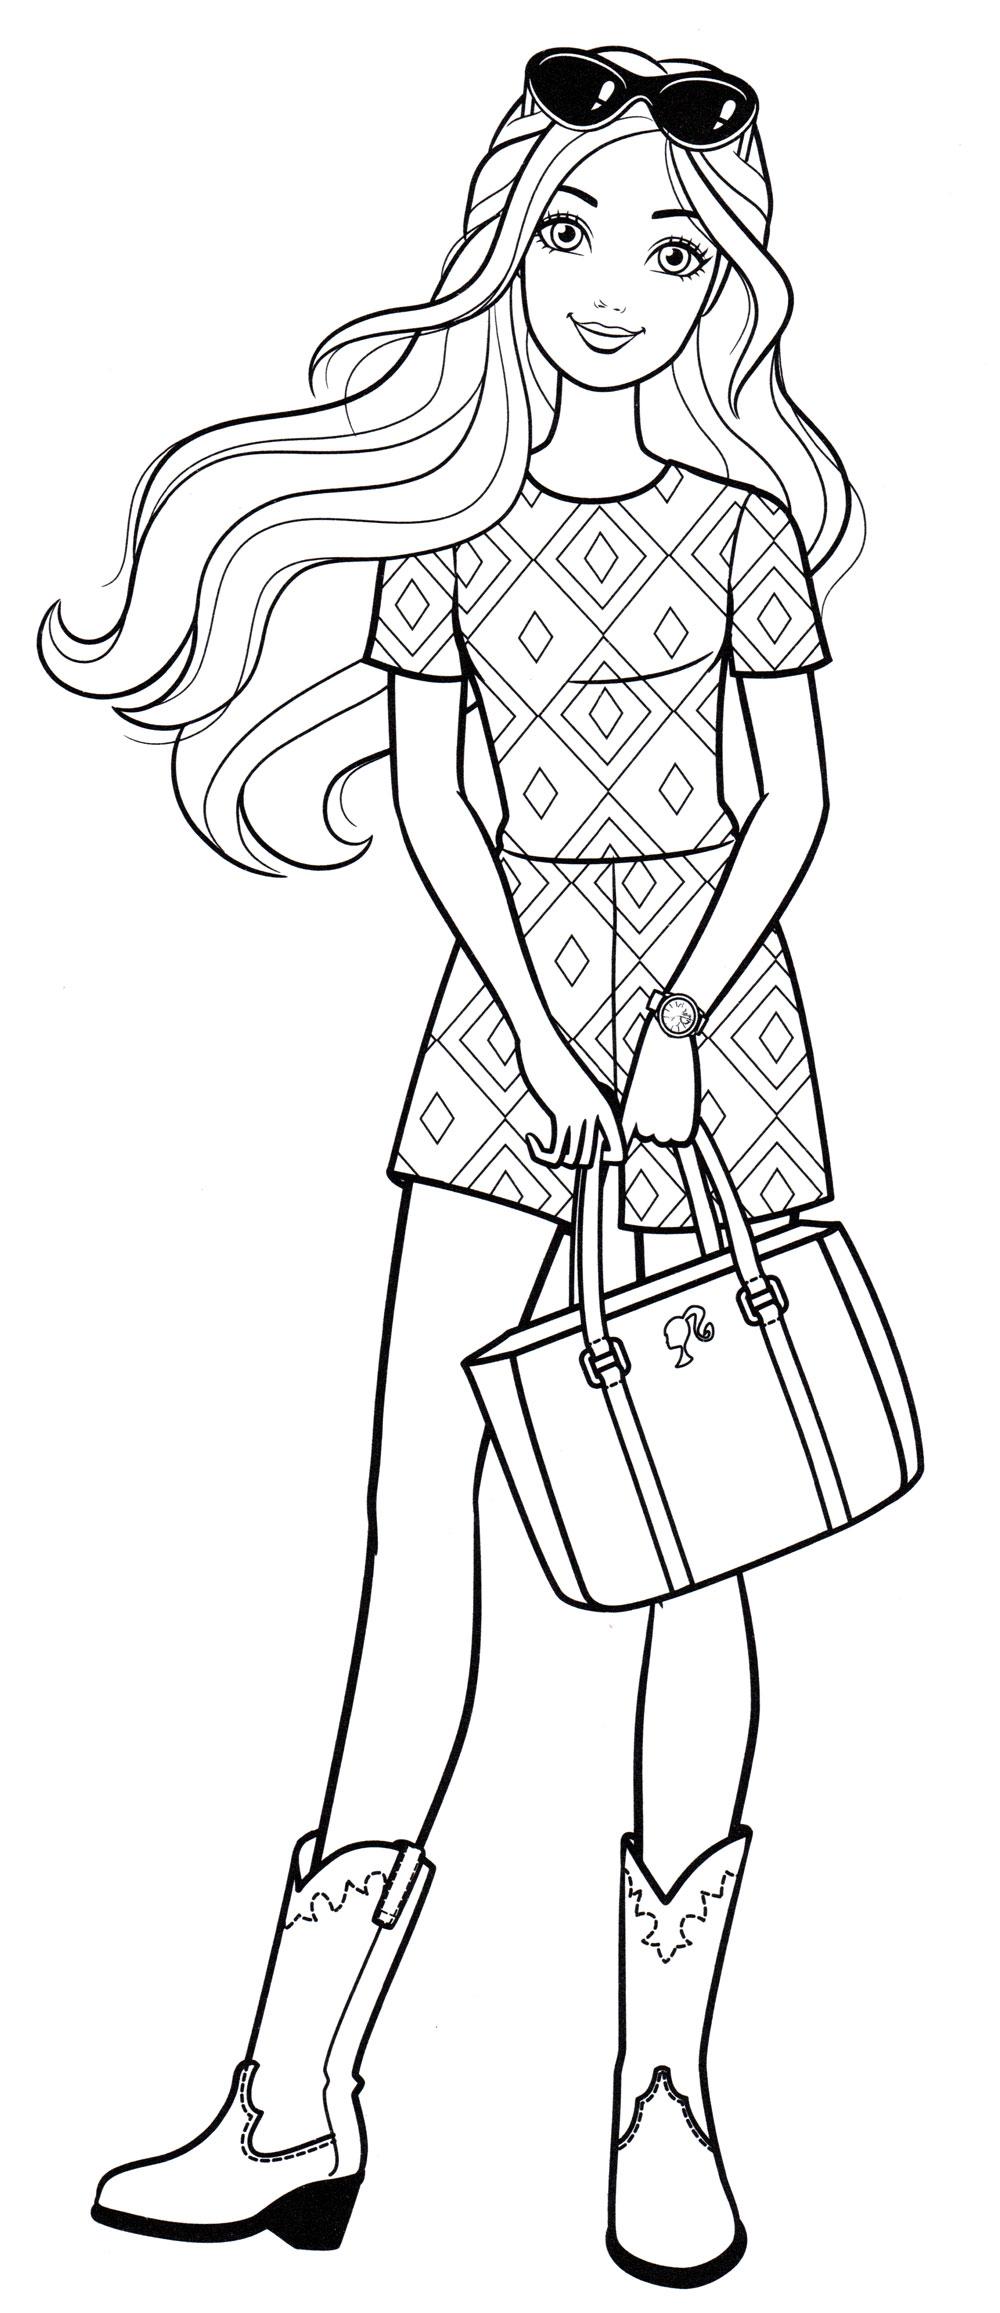 Раскраска Новый наряд Барби - распечатать бесплатно